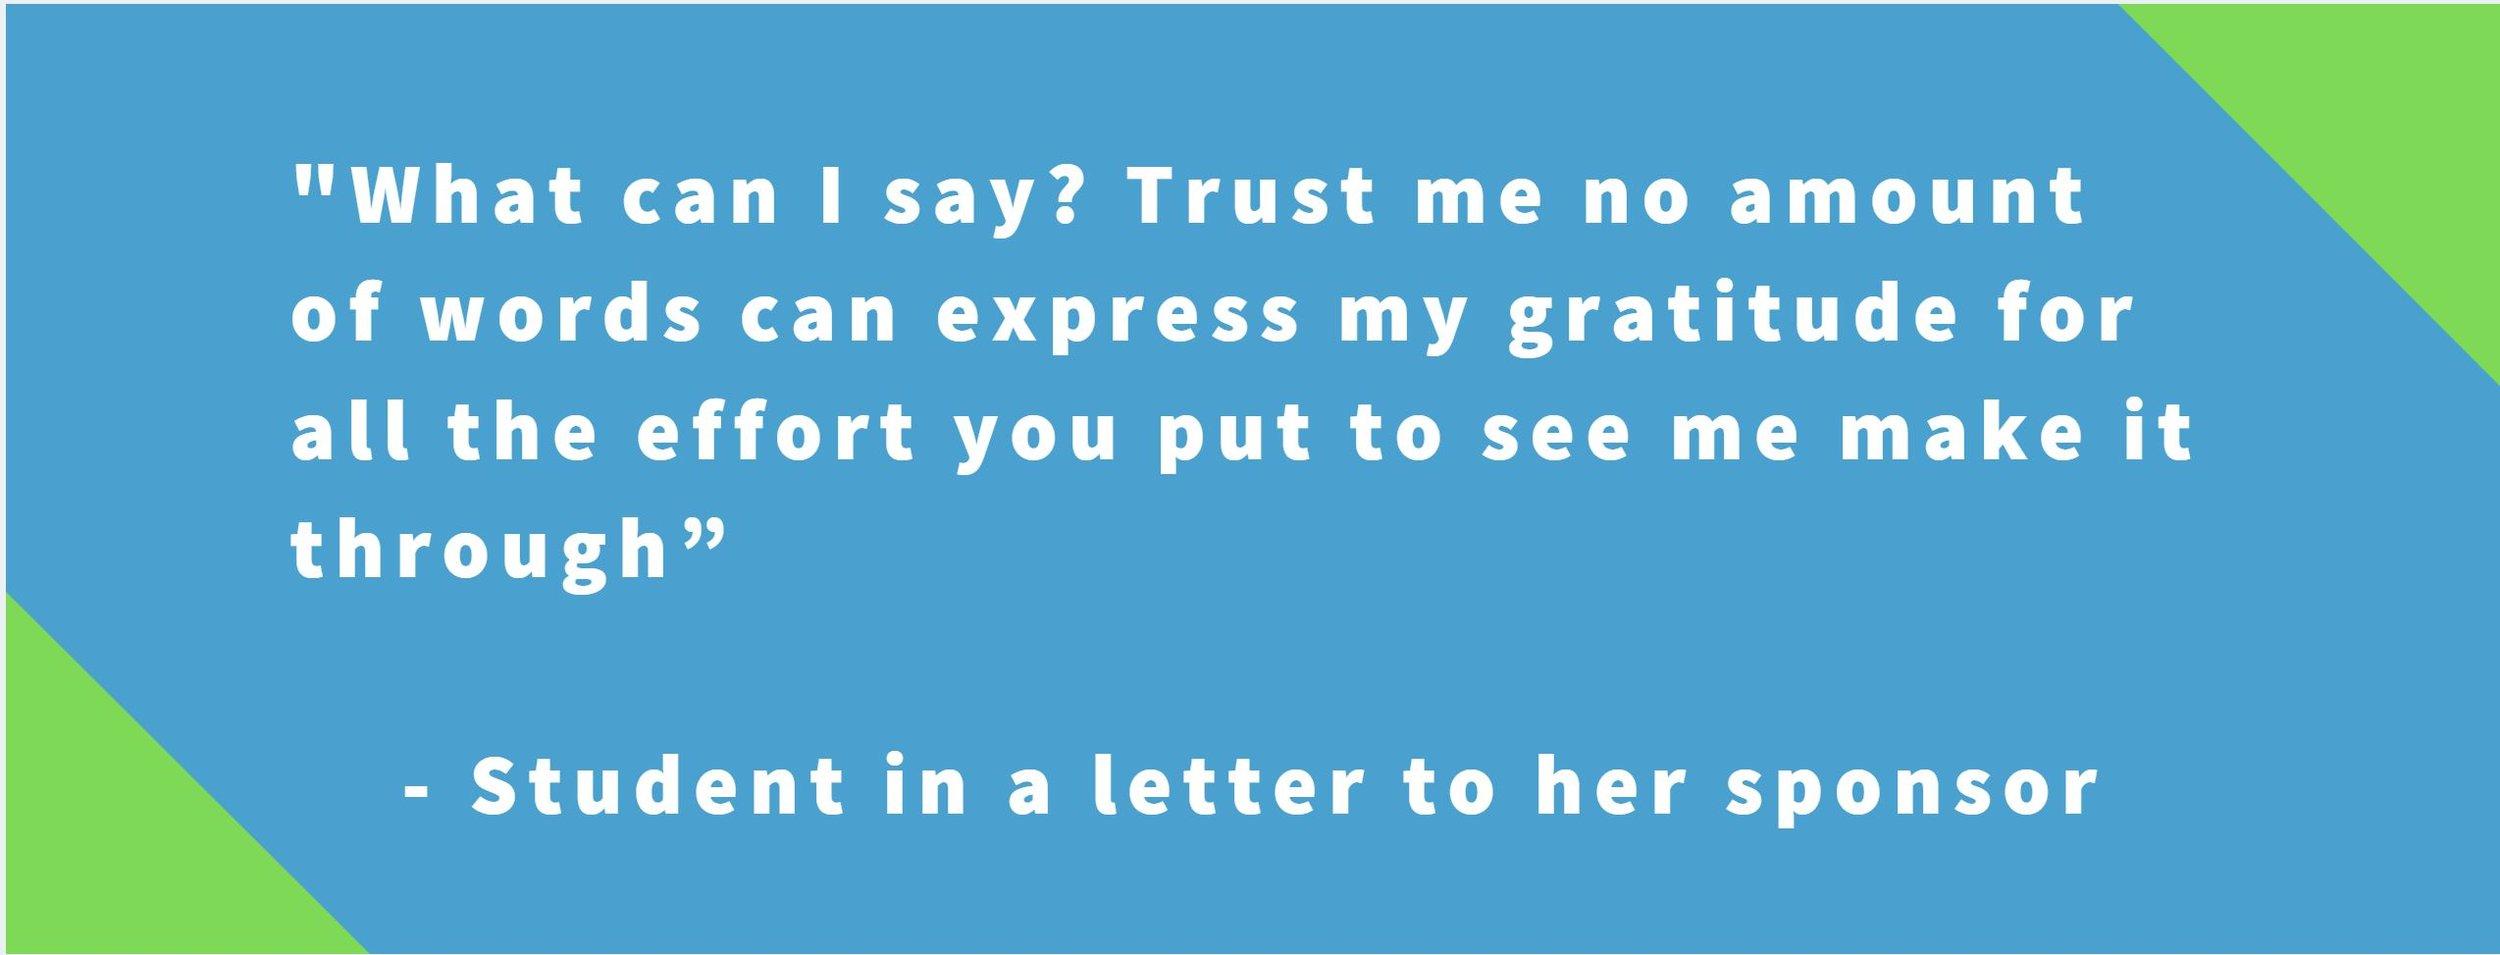 Sample letter.JPG